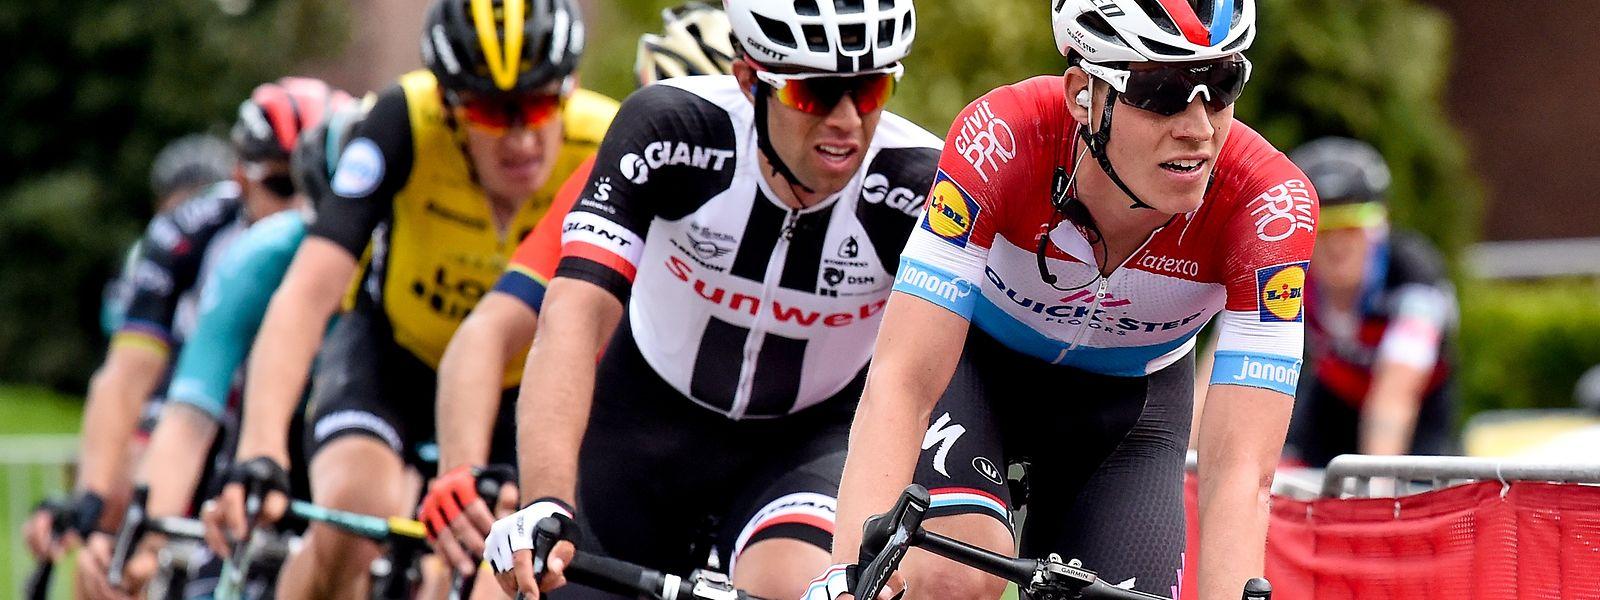 Während der Tour de France verpassen Sie nichts, was den Luxemburger Bob Jungels (r.) betreffen sollte.